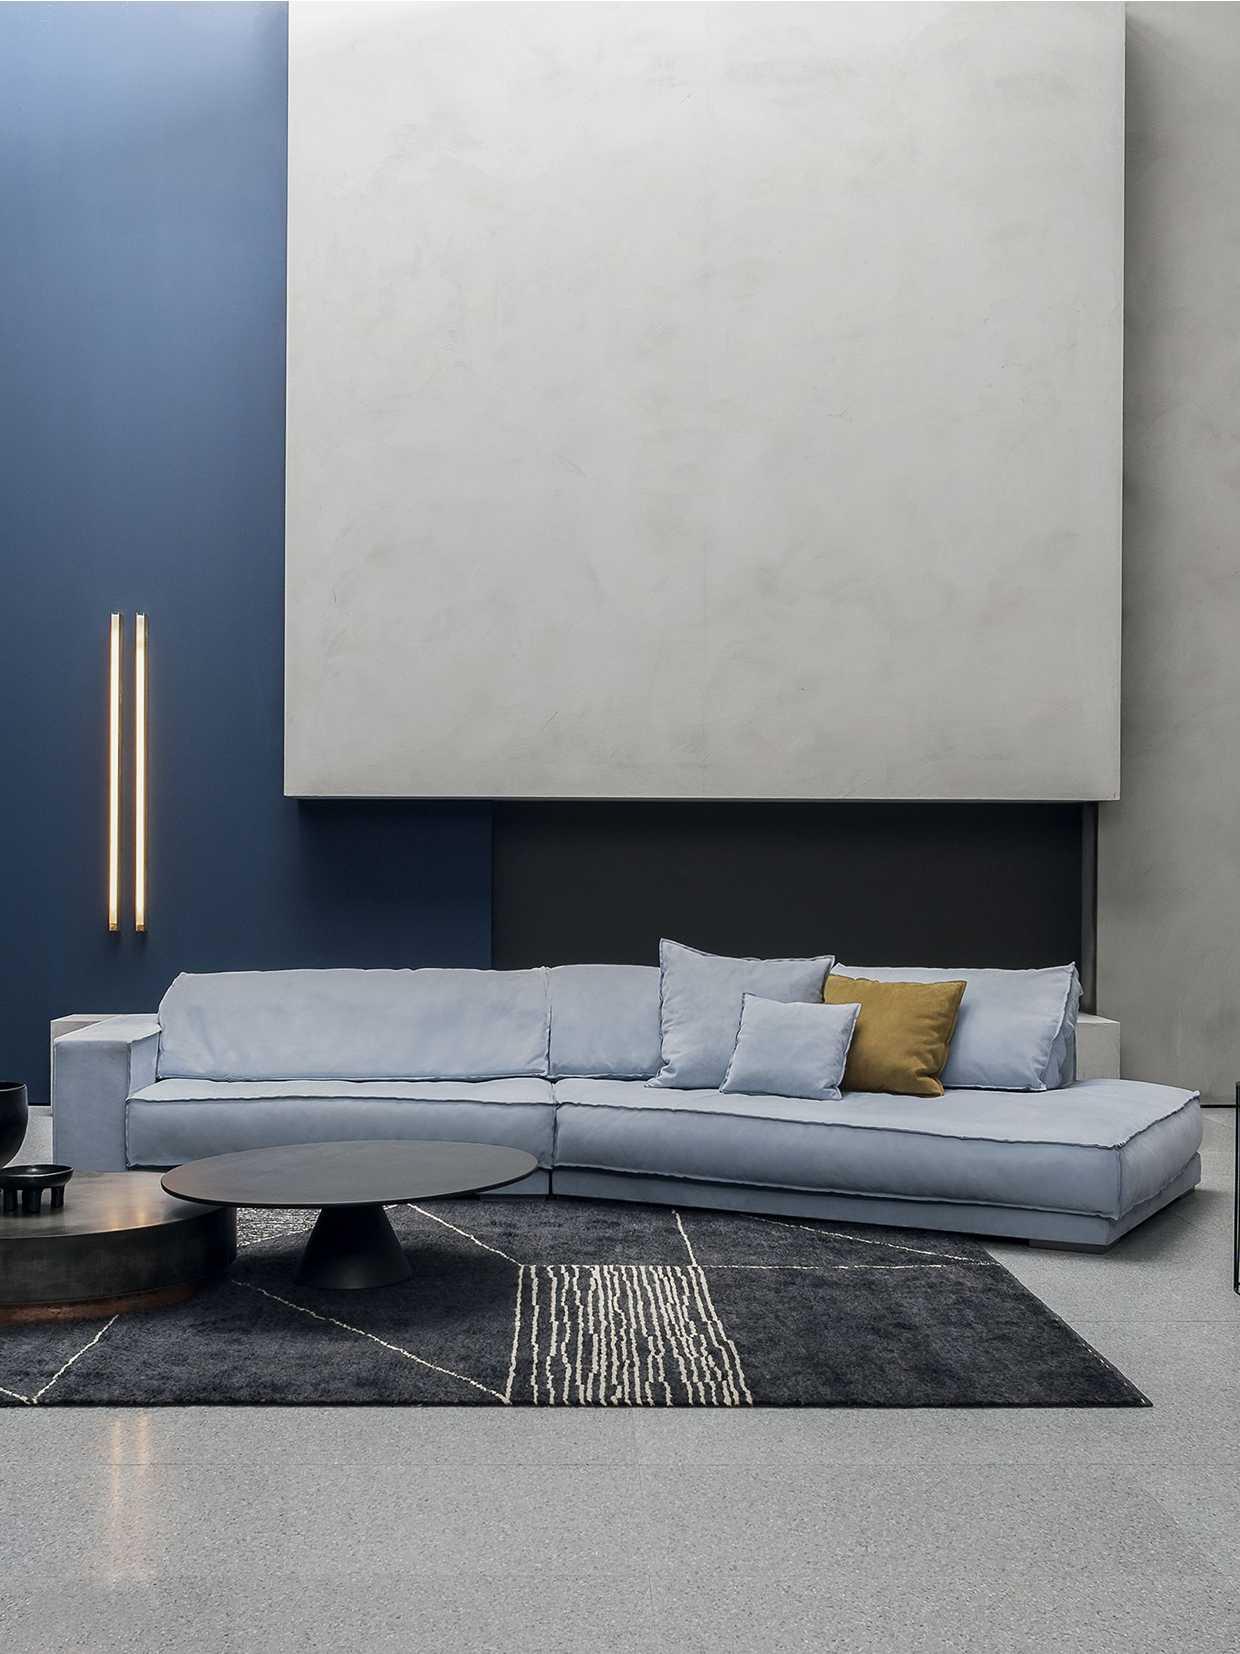 超级豪宅里的艺术家具,Baxter大转角沙发,比床还舒服